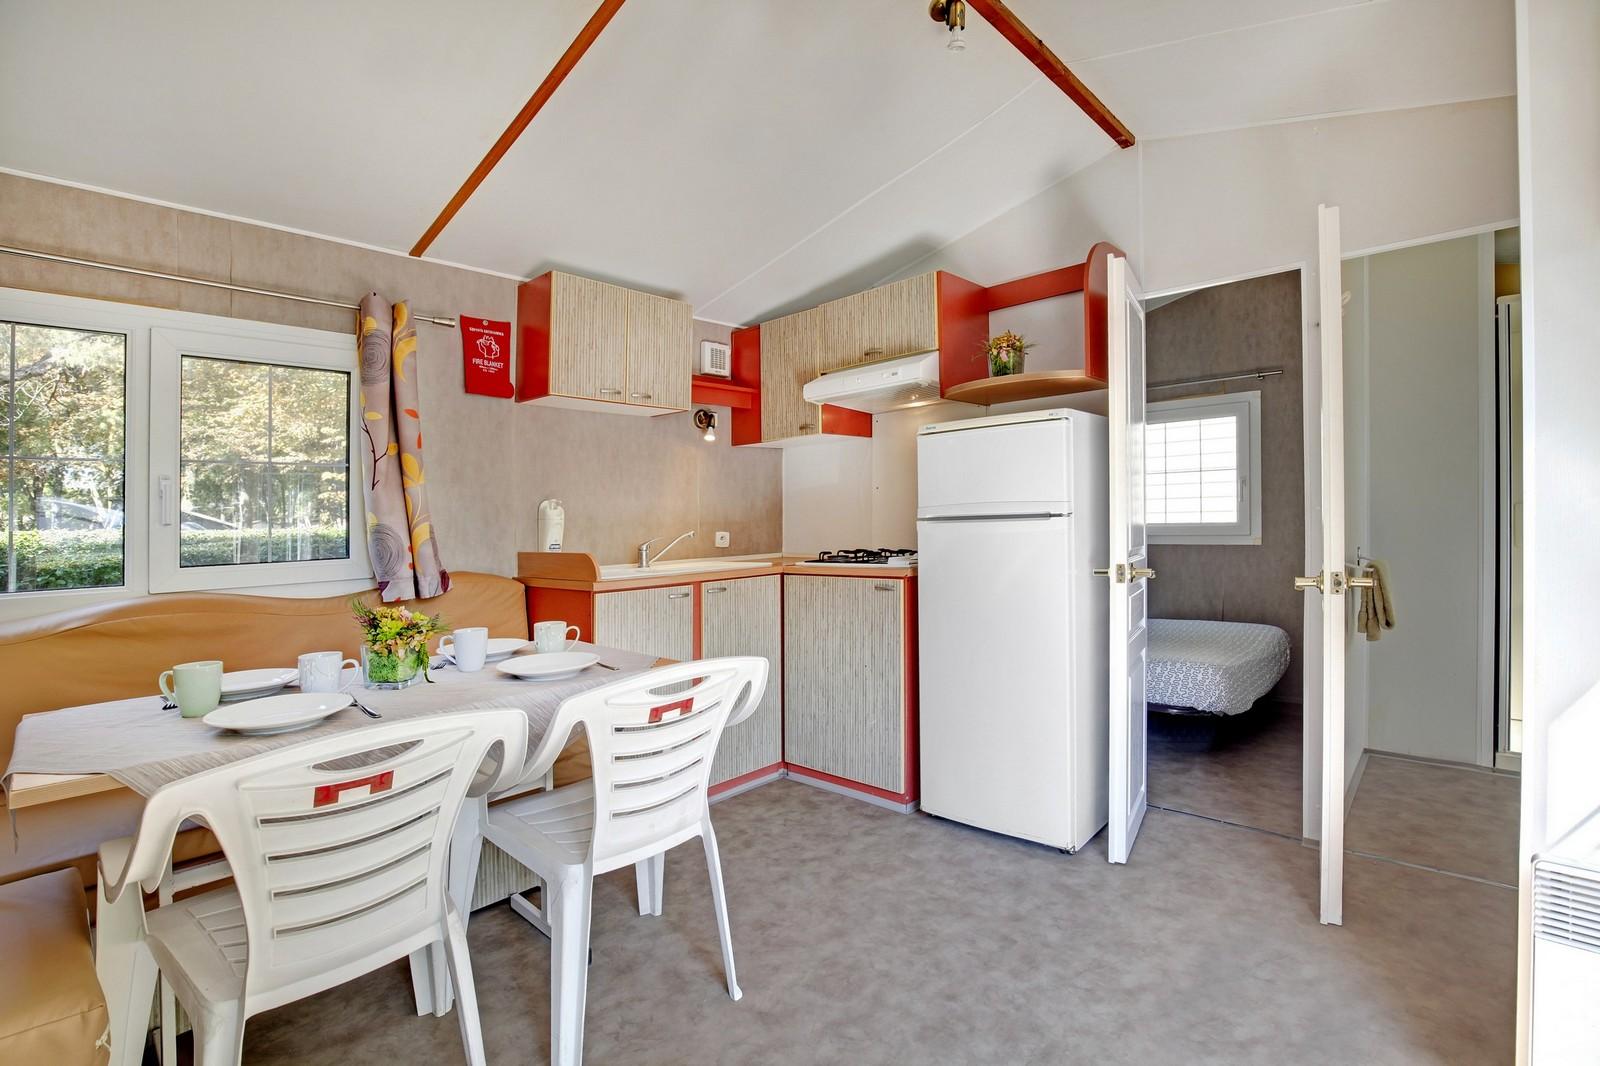 mobile home Ligustri